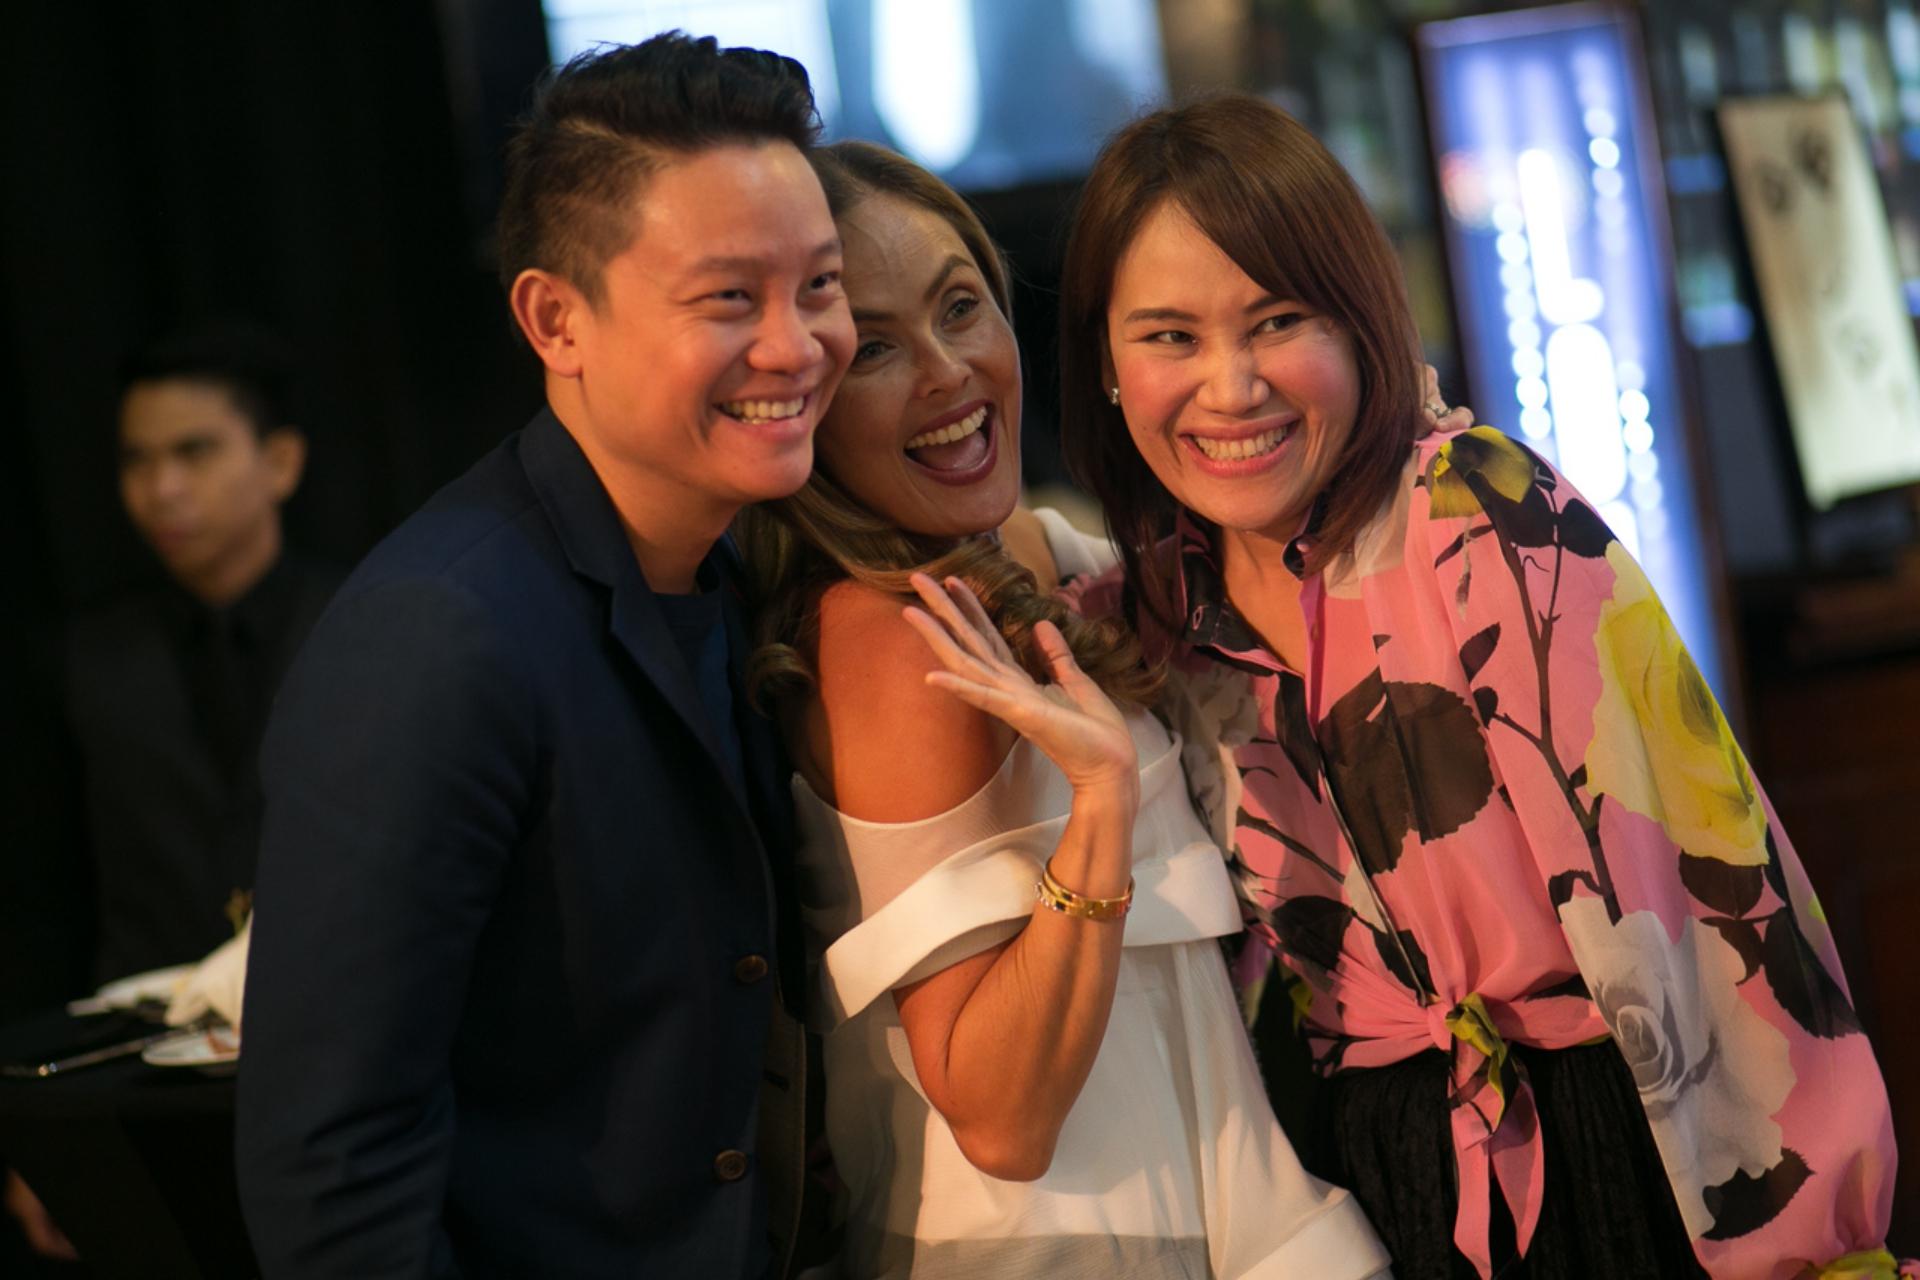 Z Teo, Joanna Preysler Francisco and Aivee Teo